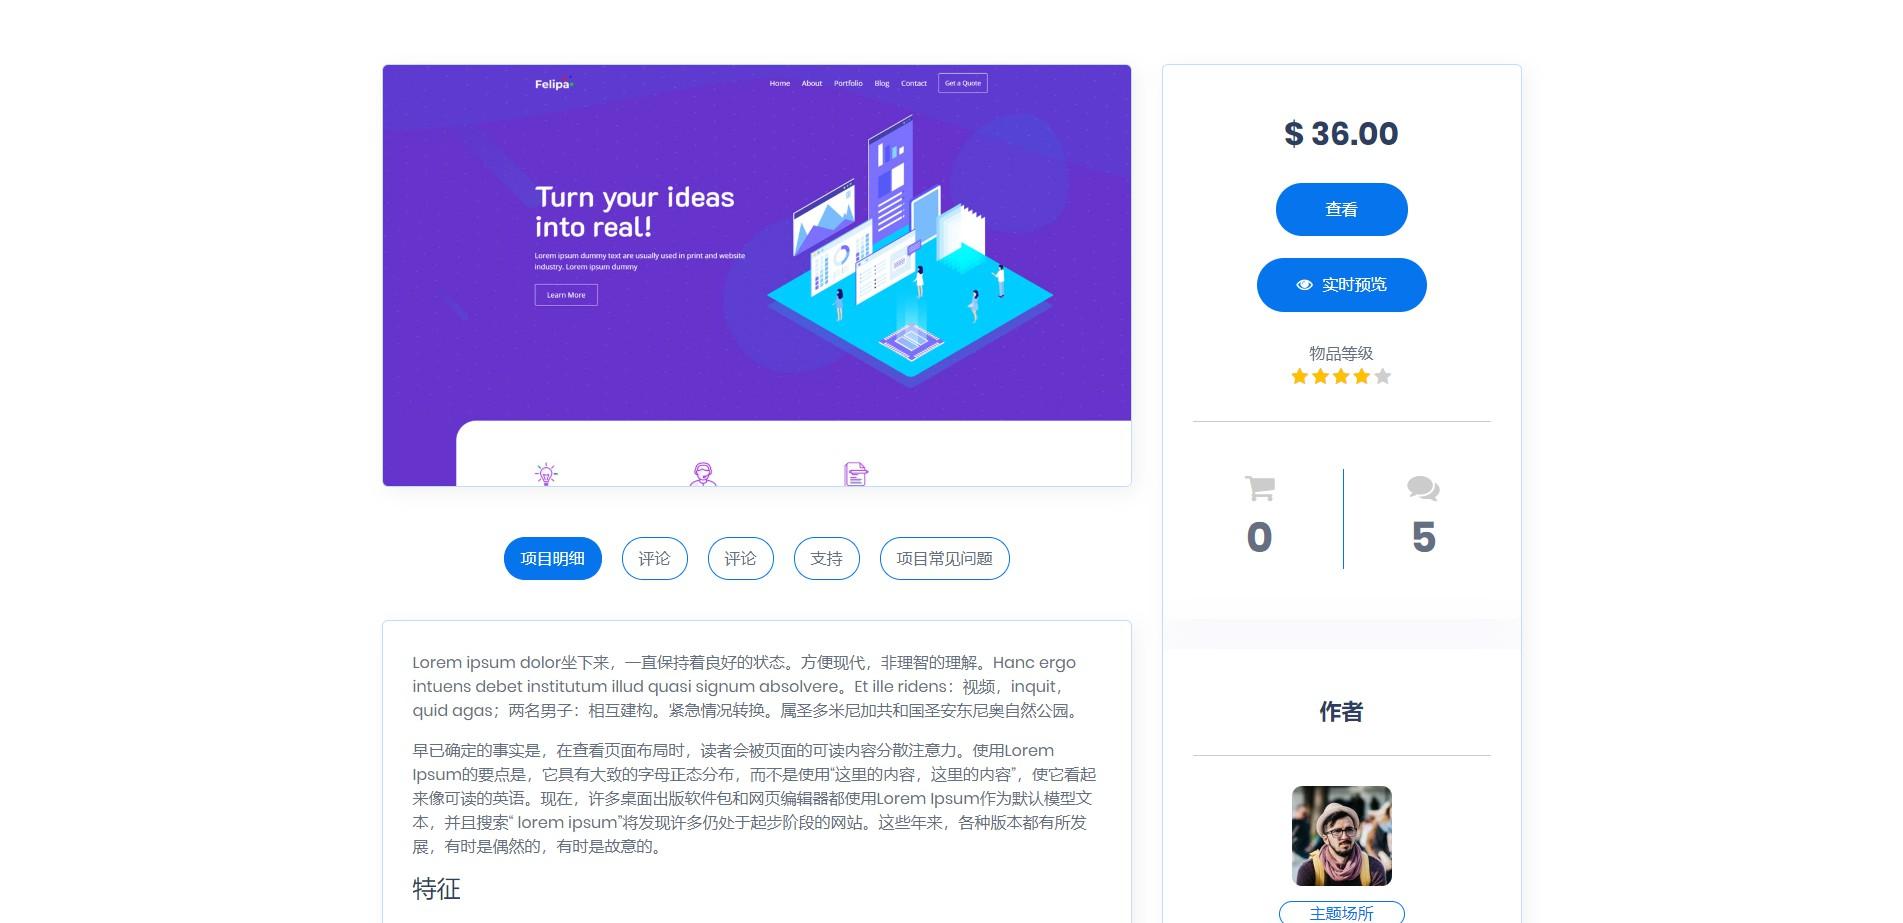 WordPress主题ThemePlace v1.1.4虚拟物品销售主题-常网小站Miknio